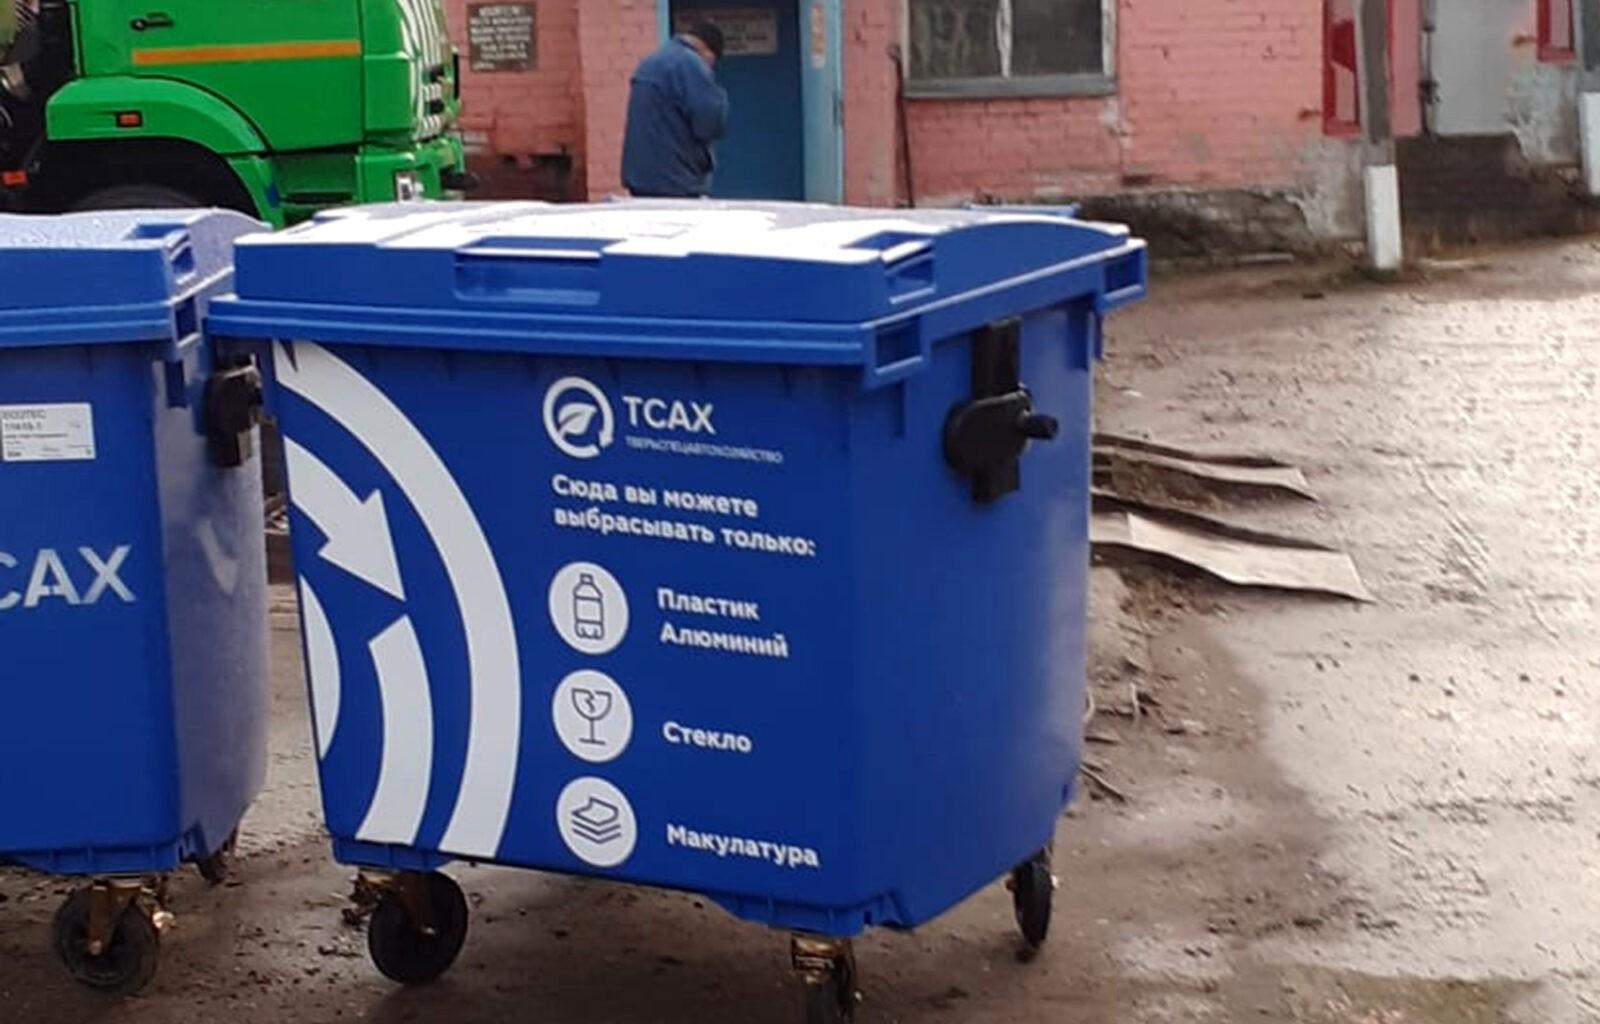 В Тверской области установлено 845 новых евроконтейнеров для сбора мусора